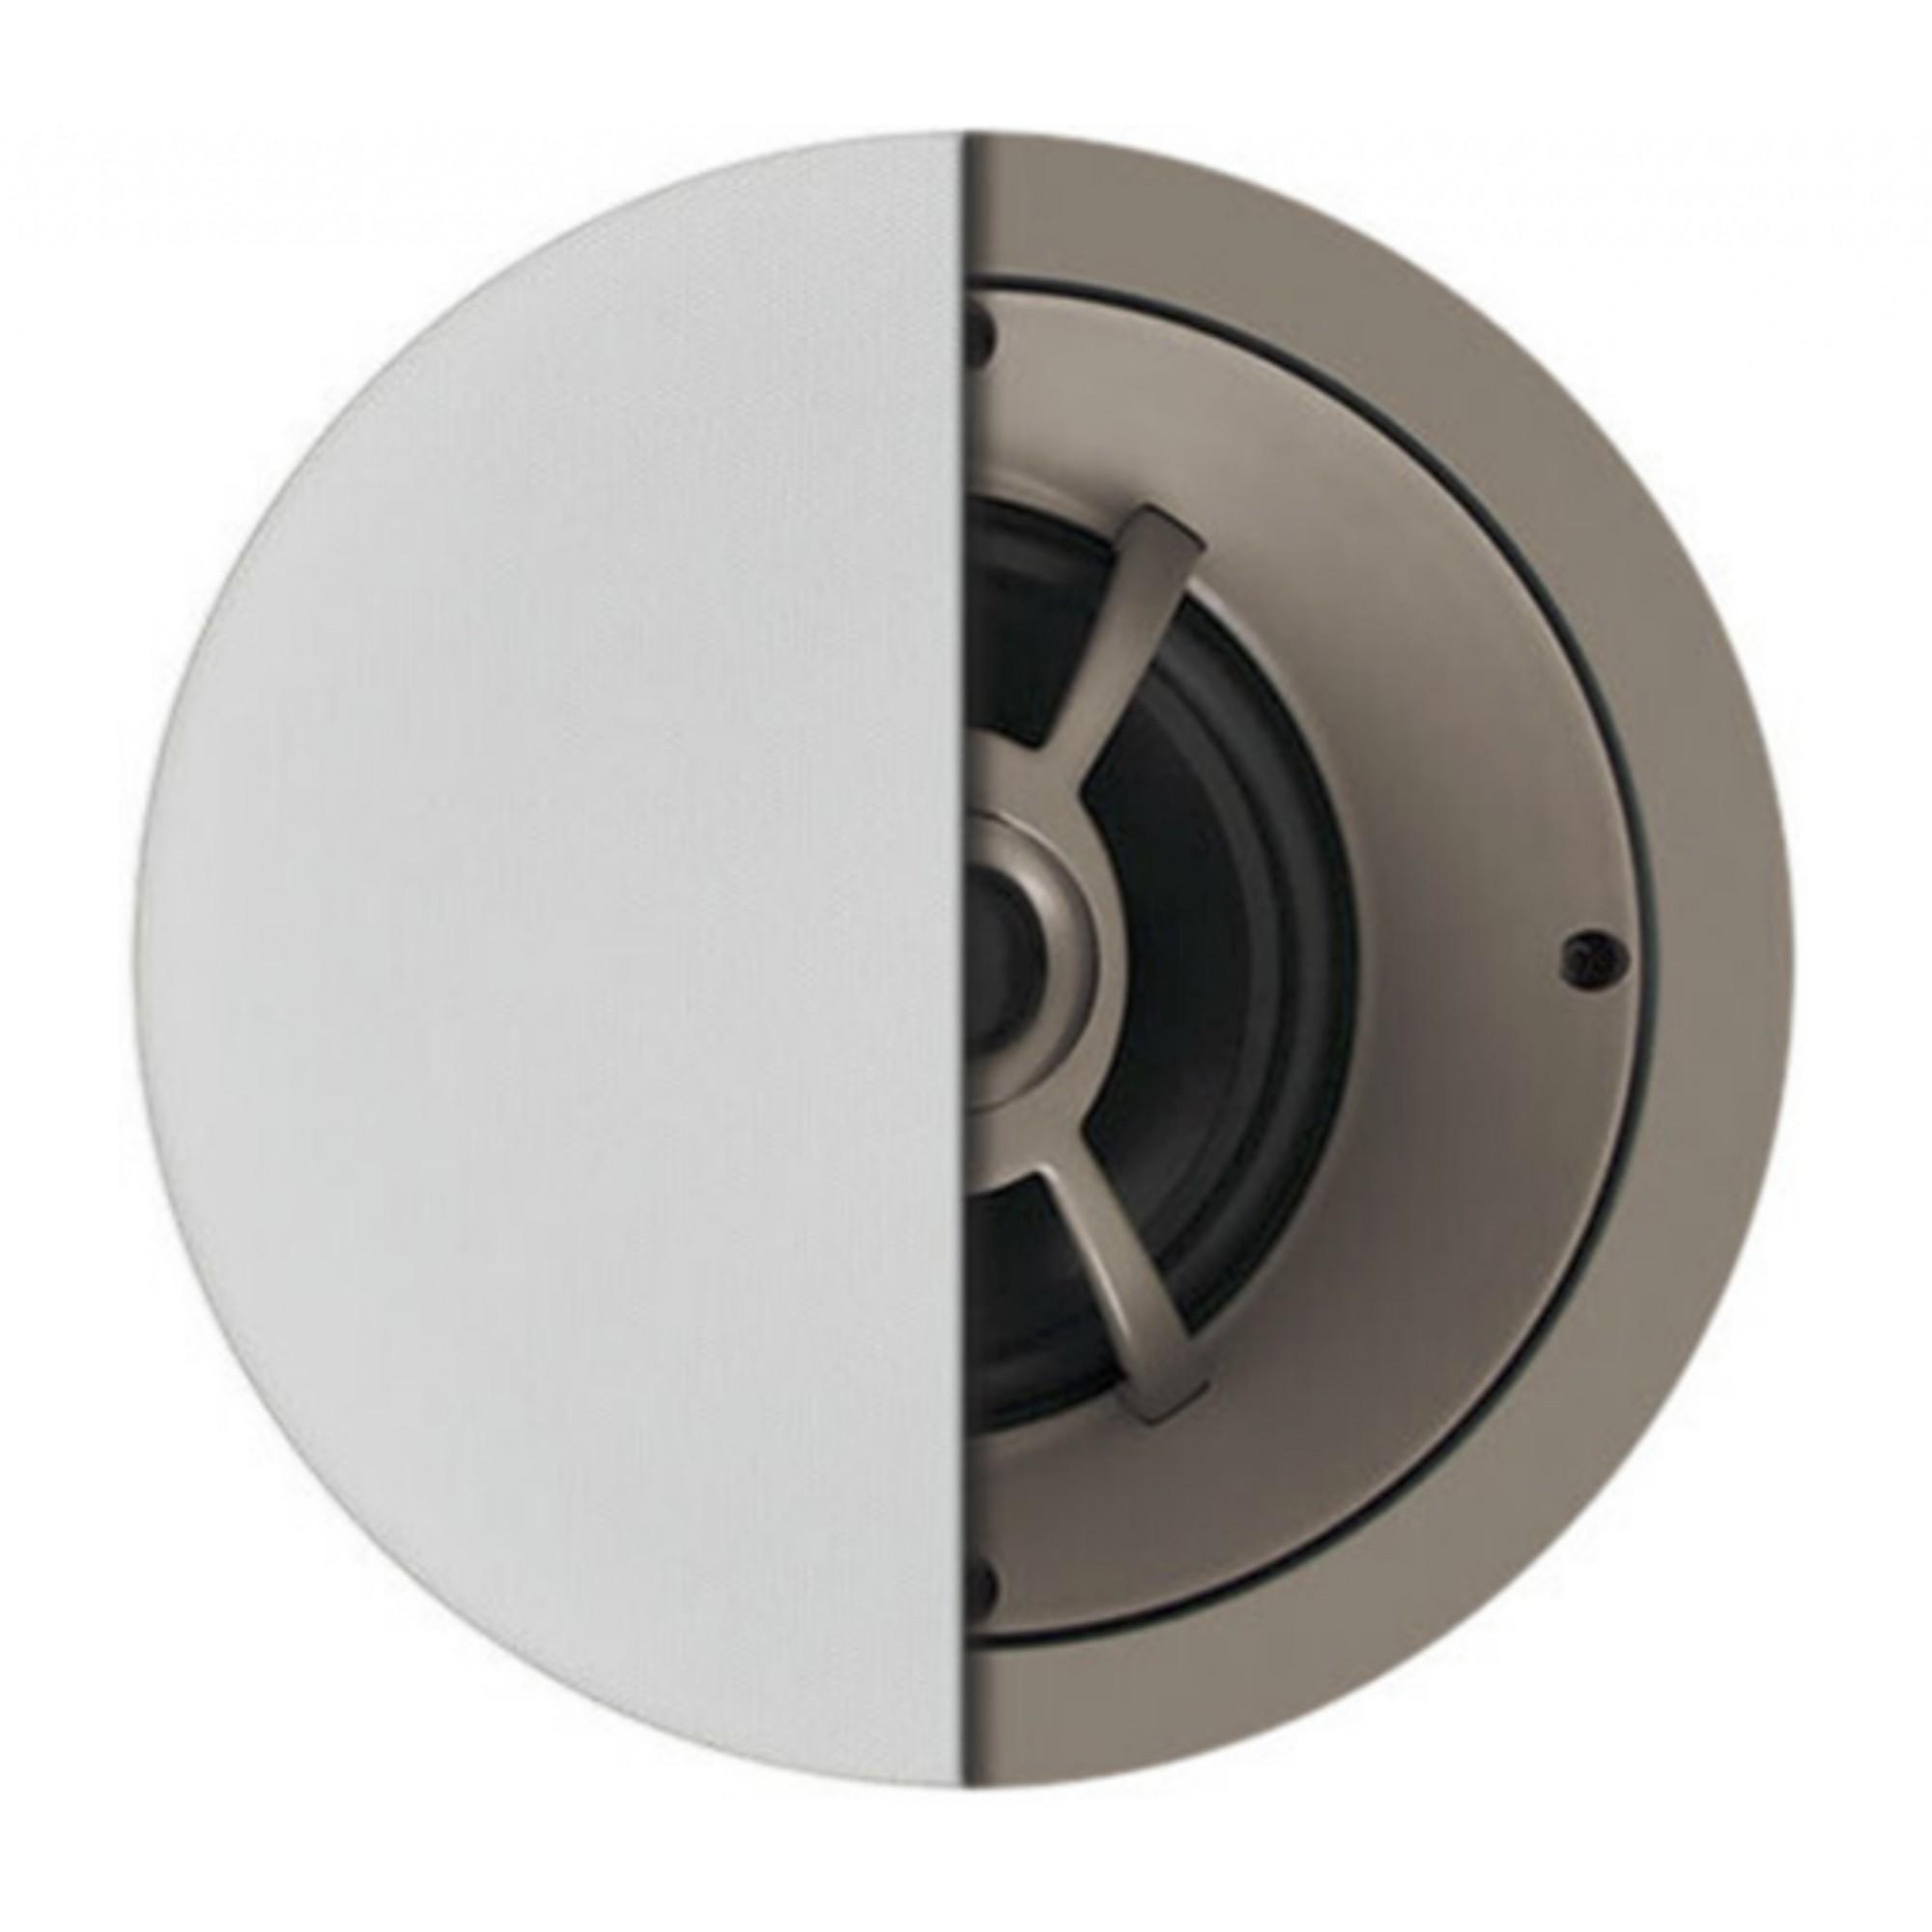 Caixa Gesso teto com Ângulo Proficient Audio C651- 100w Rms Unidade usada